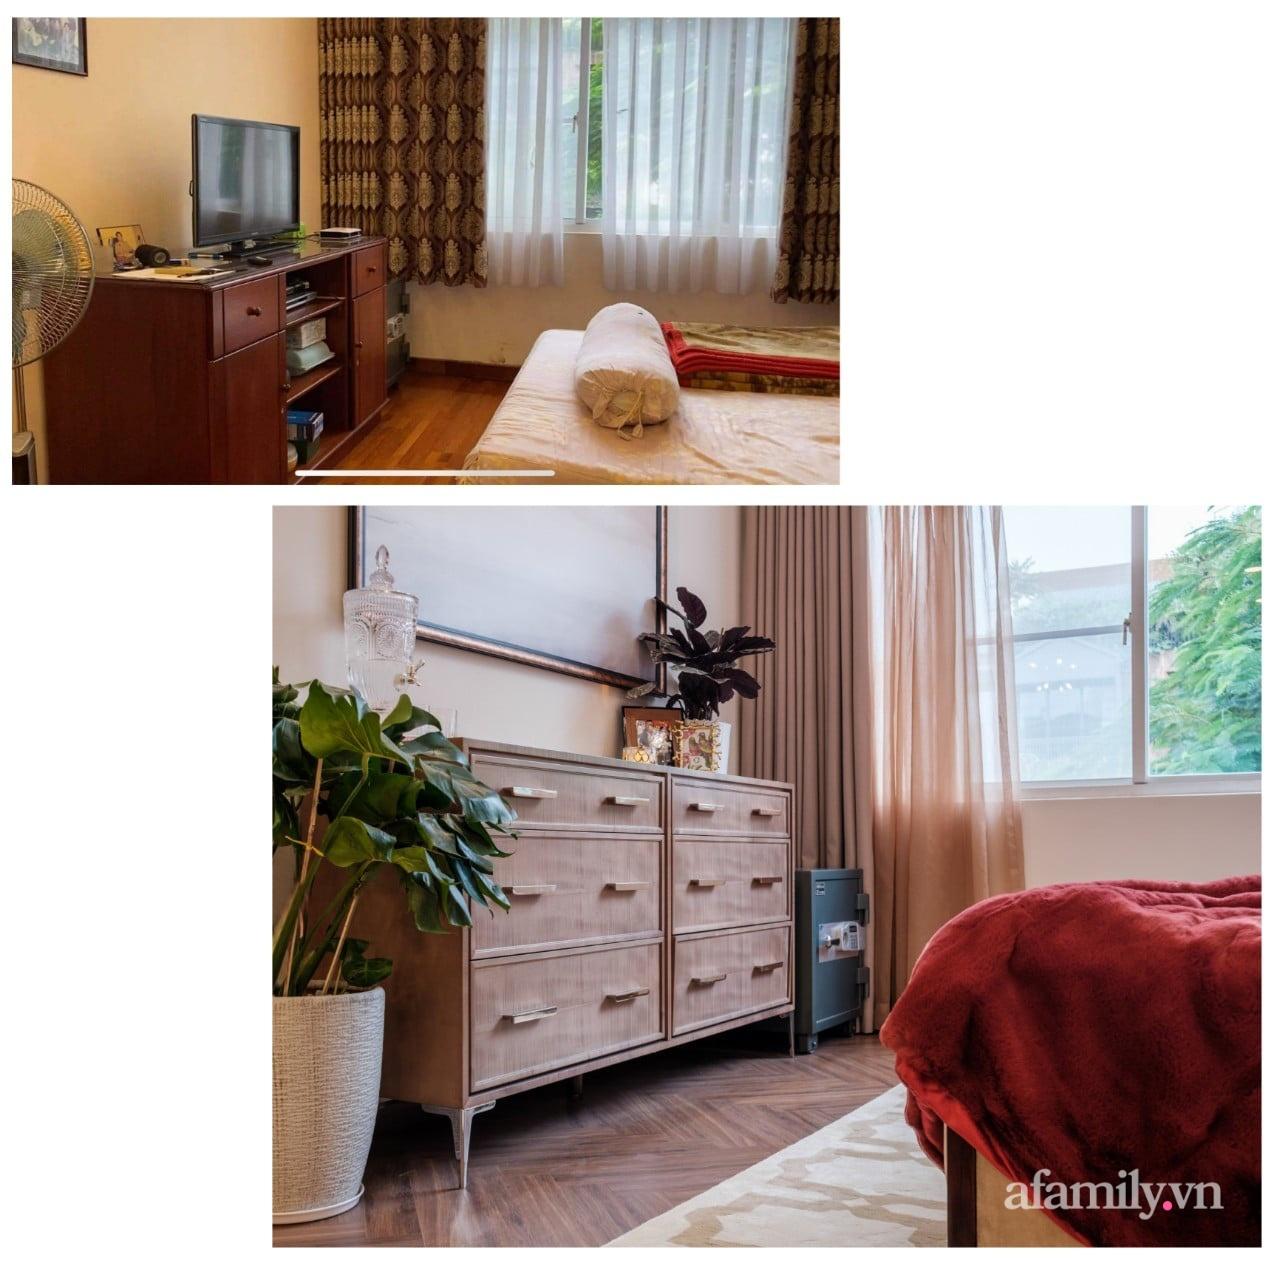 Lột xác phòng ngủ cũ kỹ thành không gian đẳng cấp 5 sao dành cho cặp vợ chồng U70 chỉ trong 2 tuần ở Sài Gòn - Ảnh 3.